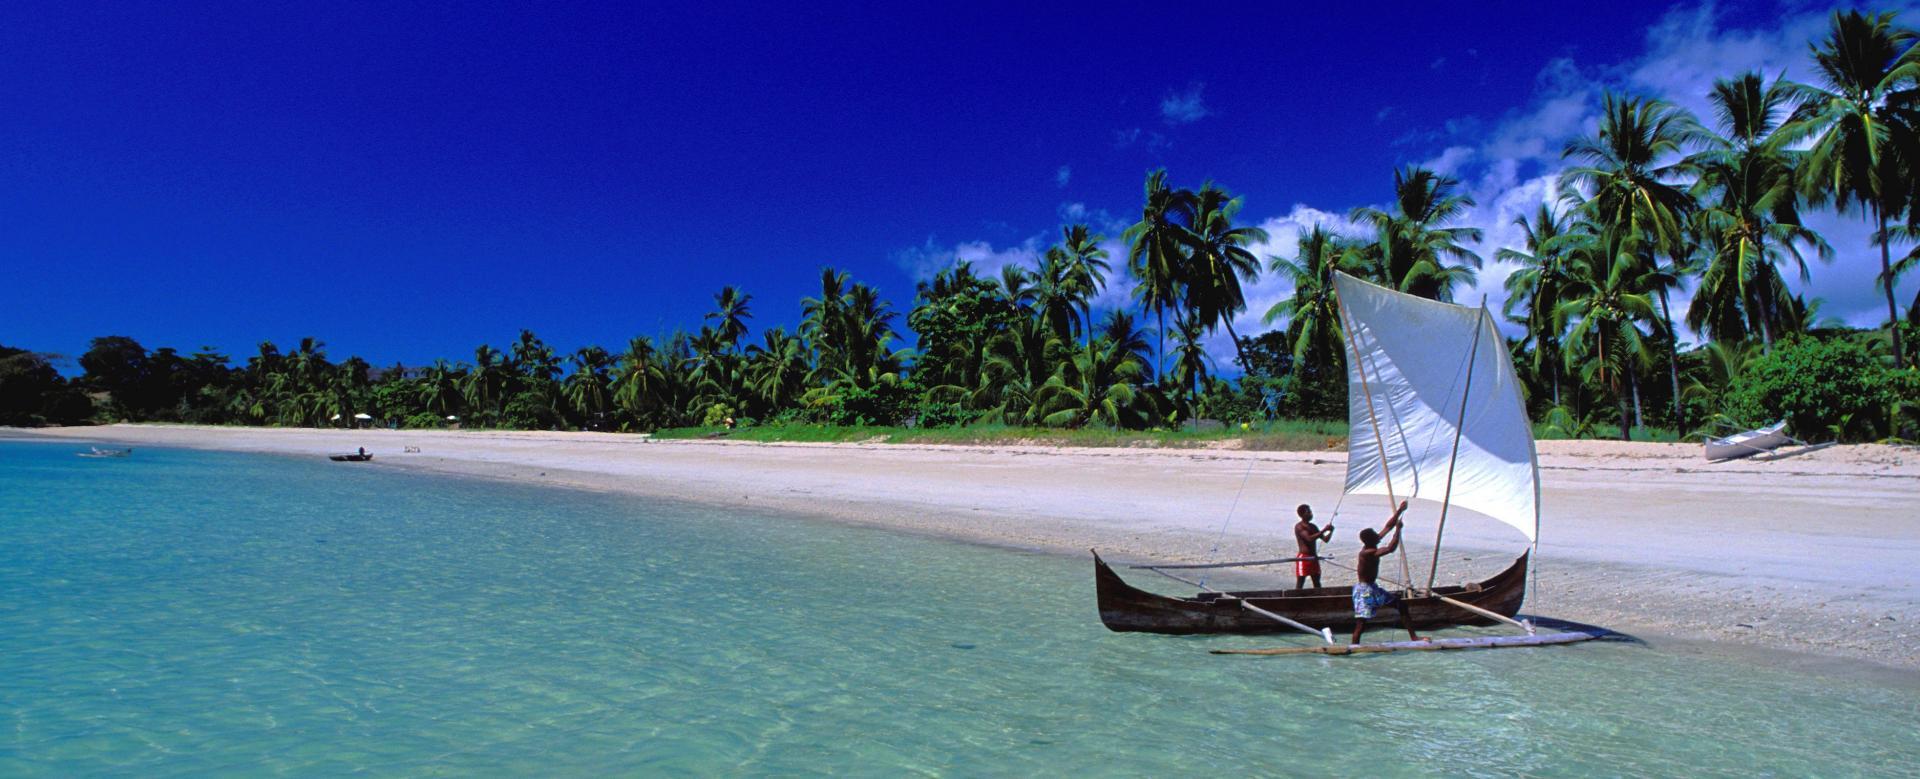 Voyage à pied Madagascar : Montagne d'ambre et île de nosy be